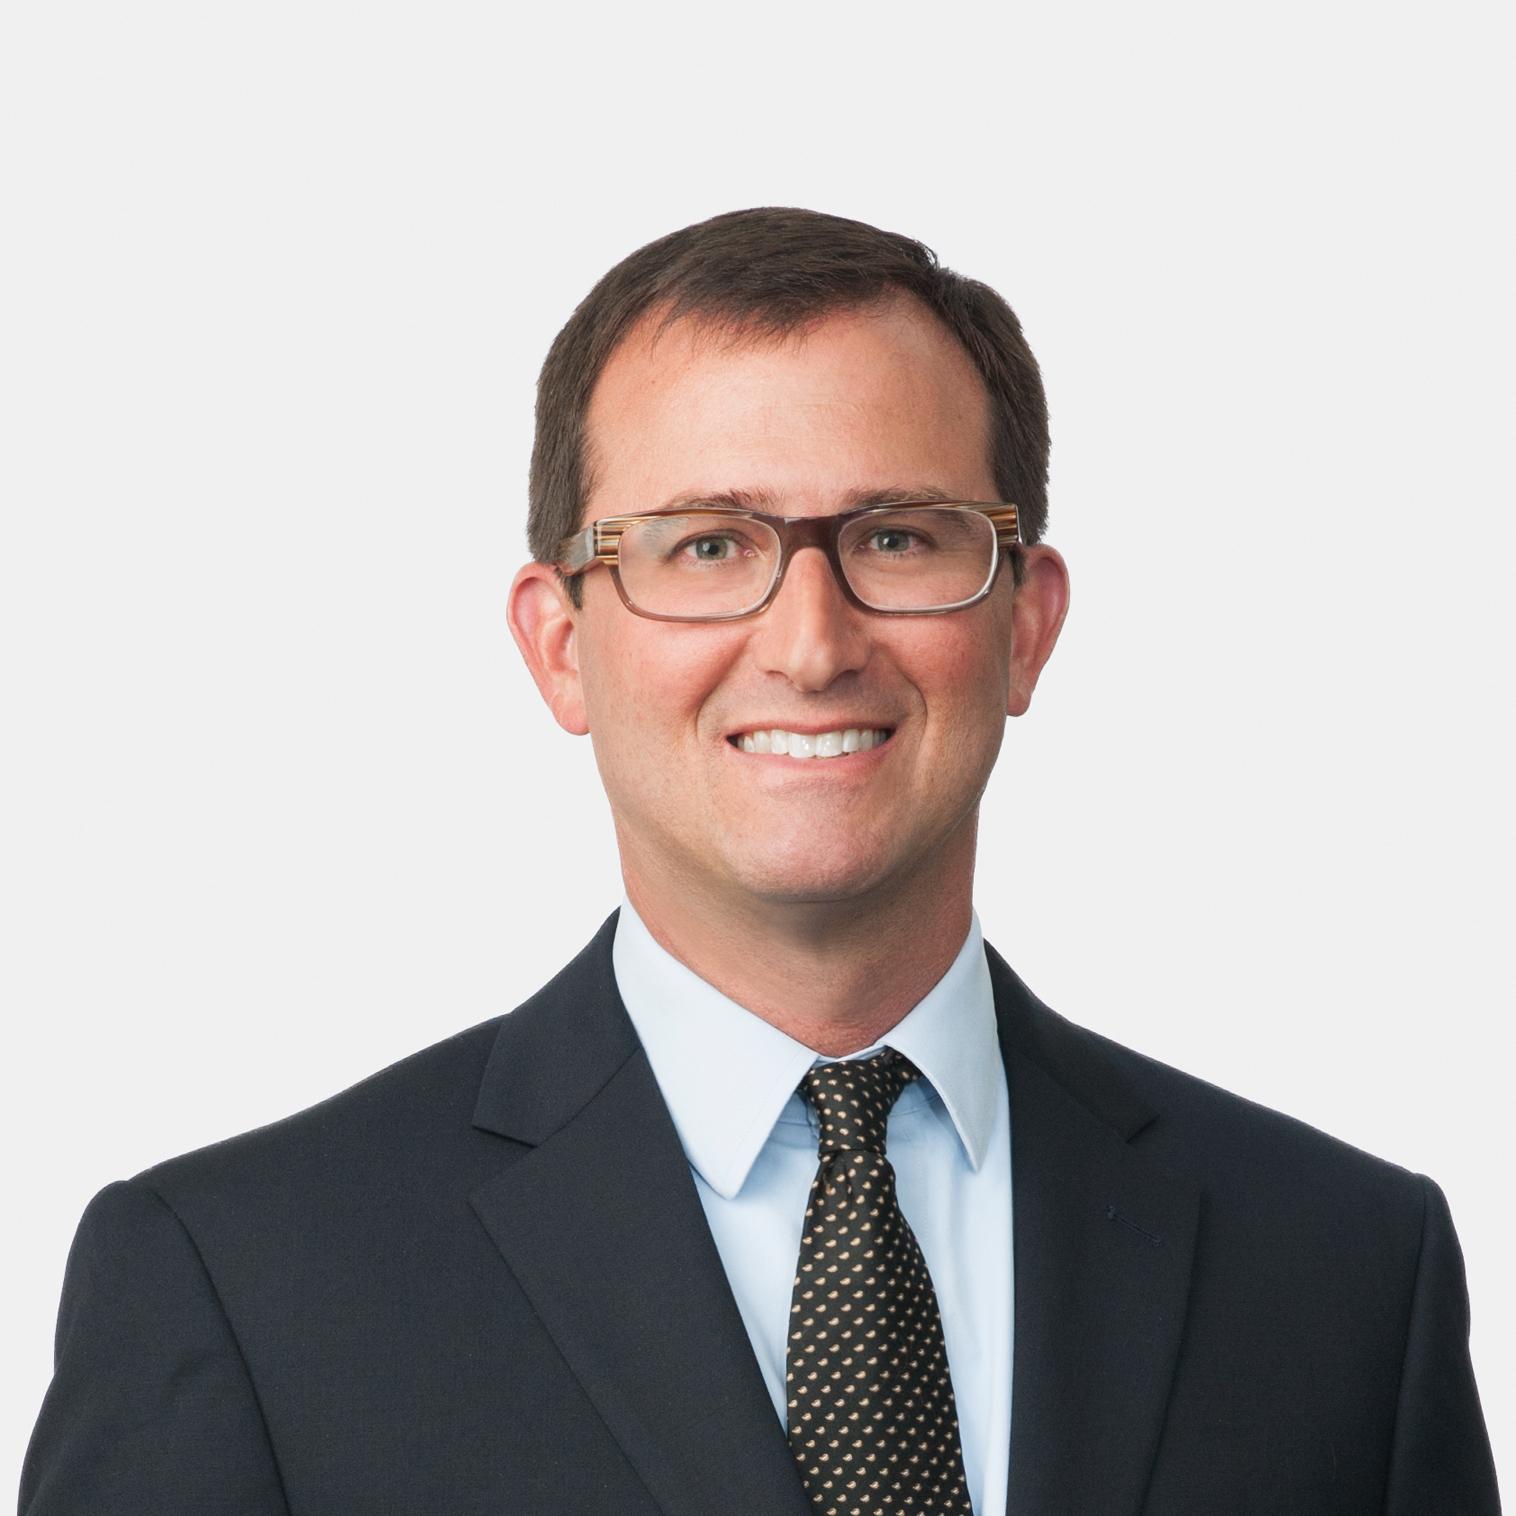 Jason S. Lichtstein